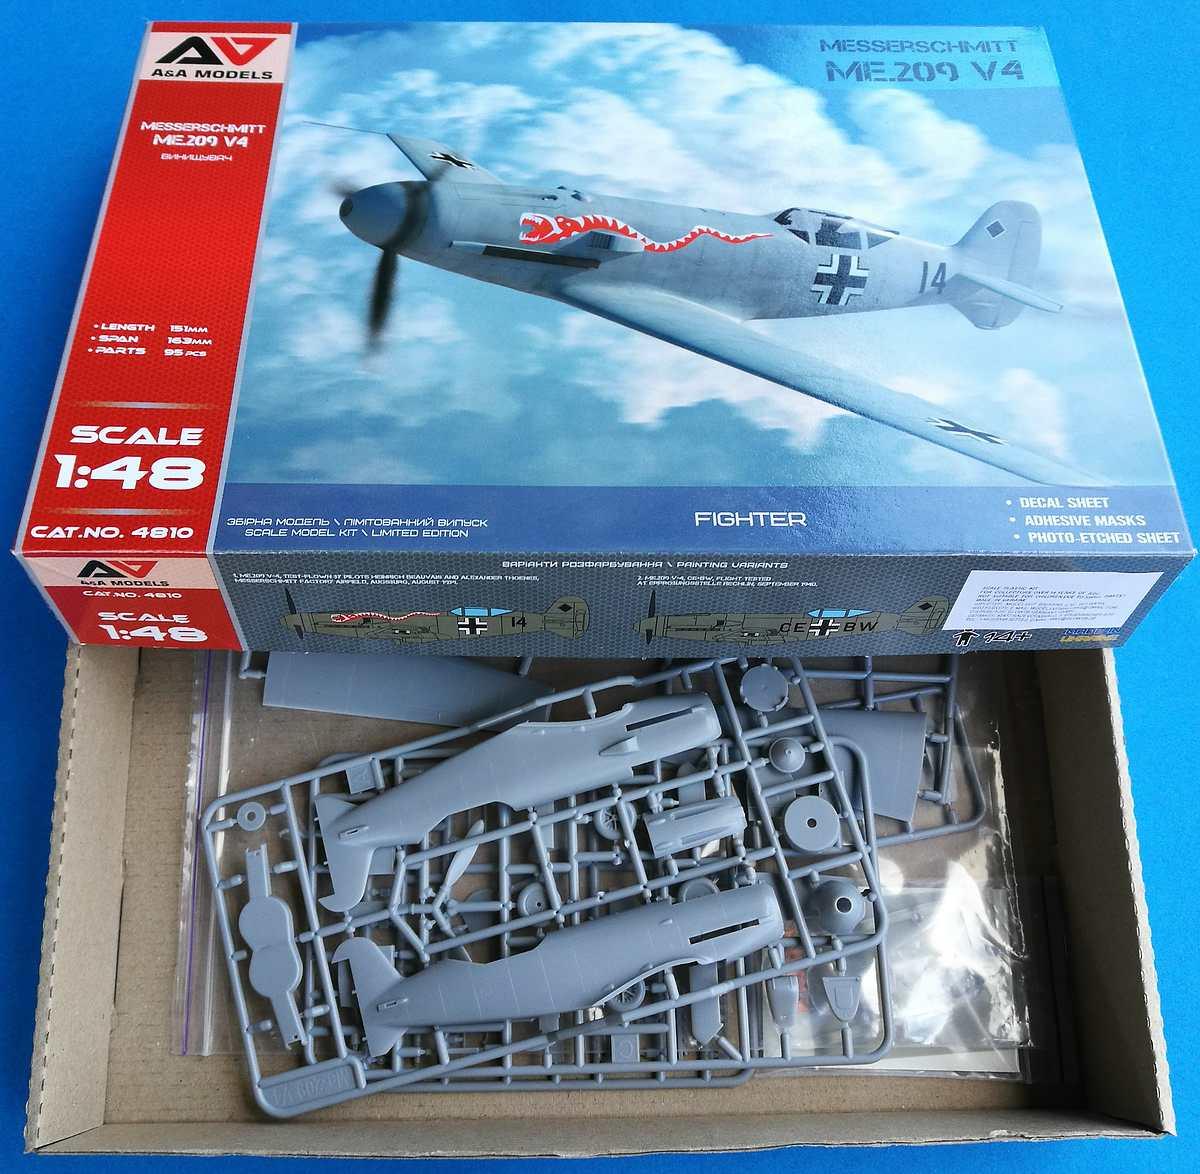 AA-Models-4810-Messerschmitt-Me-209-V4-60 Messerschmitt Me 209 V4 in 1:48 von A&A Models # 4810